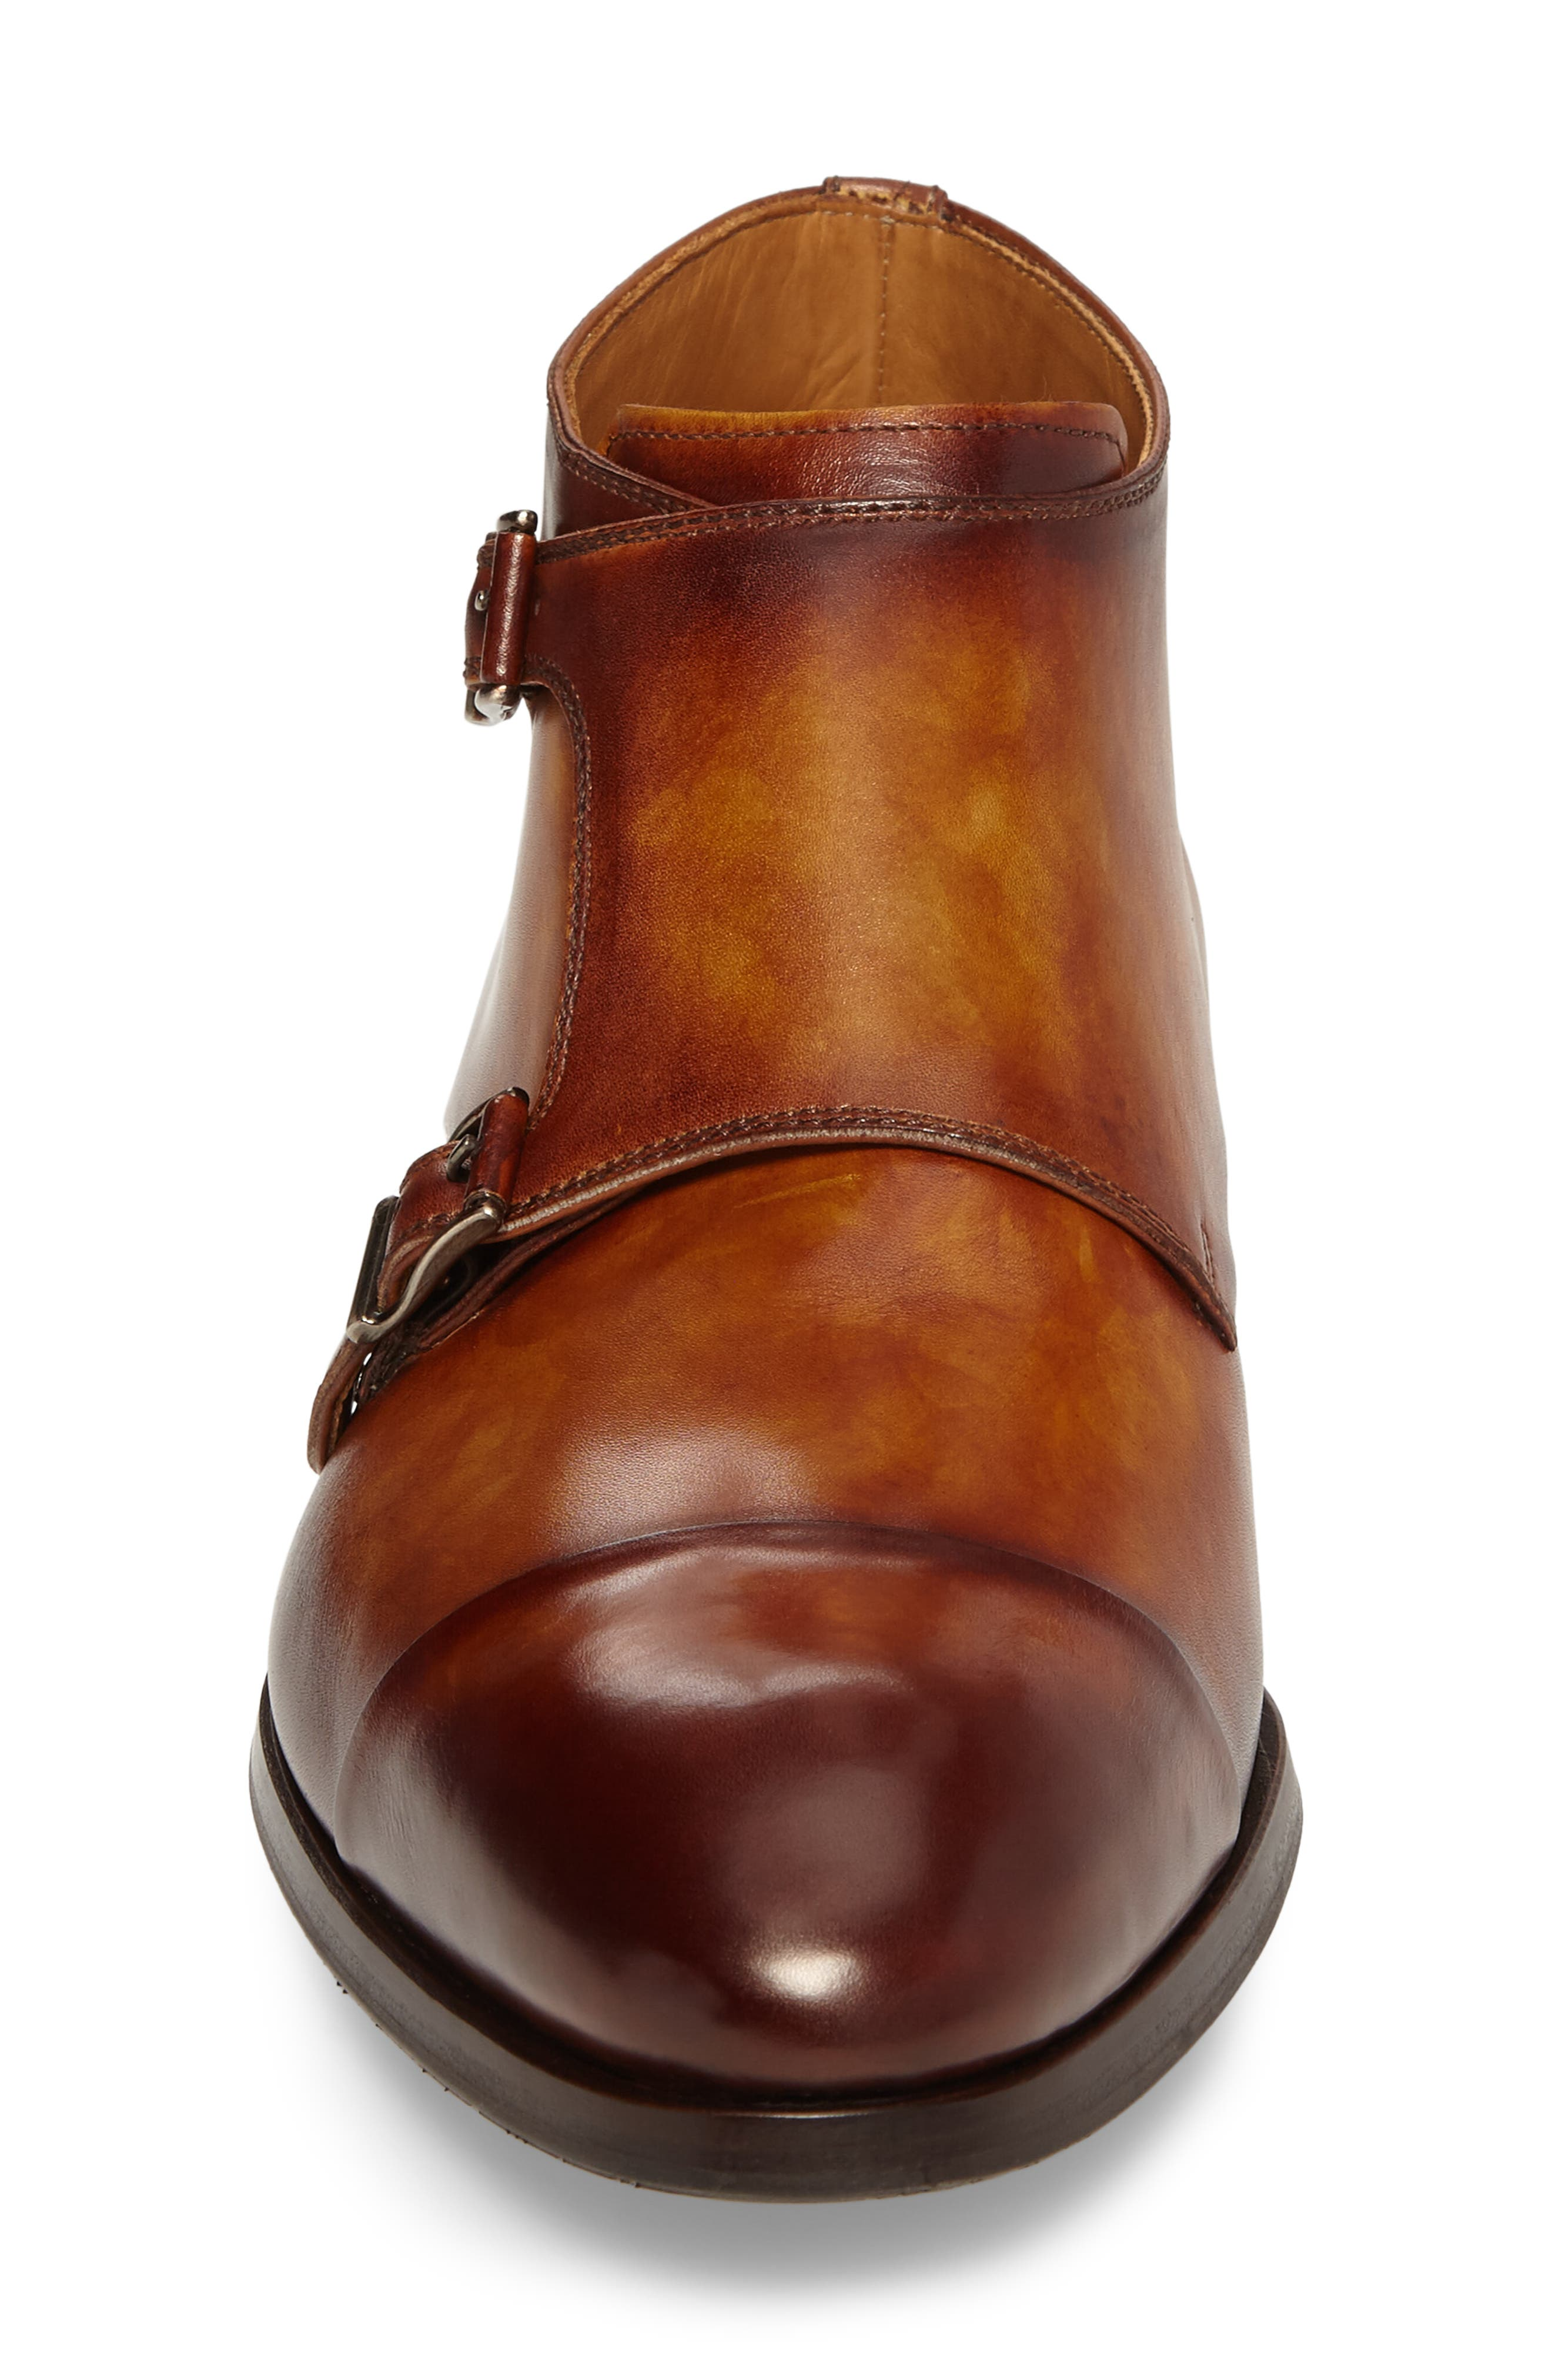 Lavar Double Monk Strap Boot,                             Alternate thumbnail 4, color,                             210